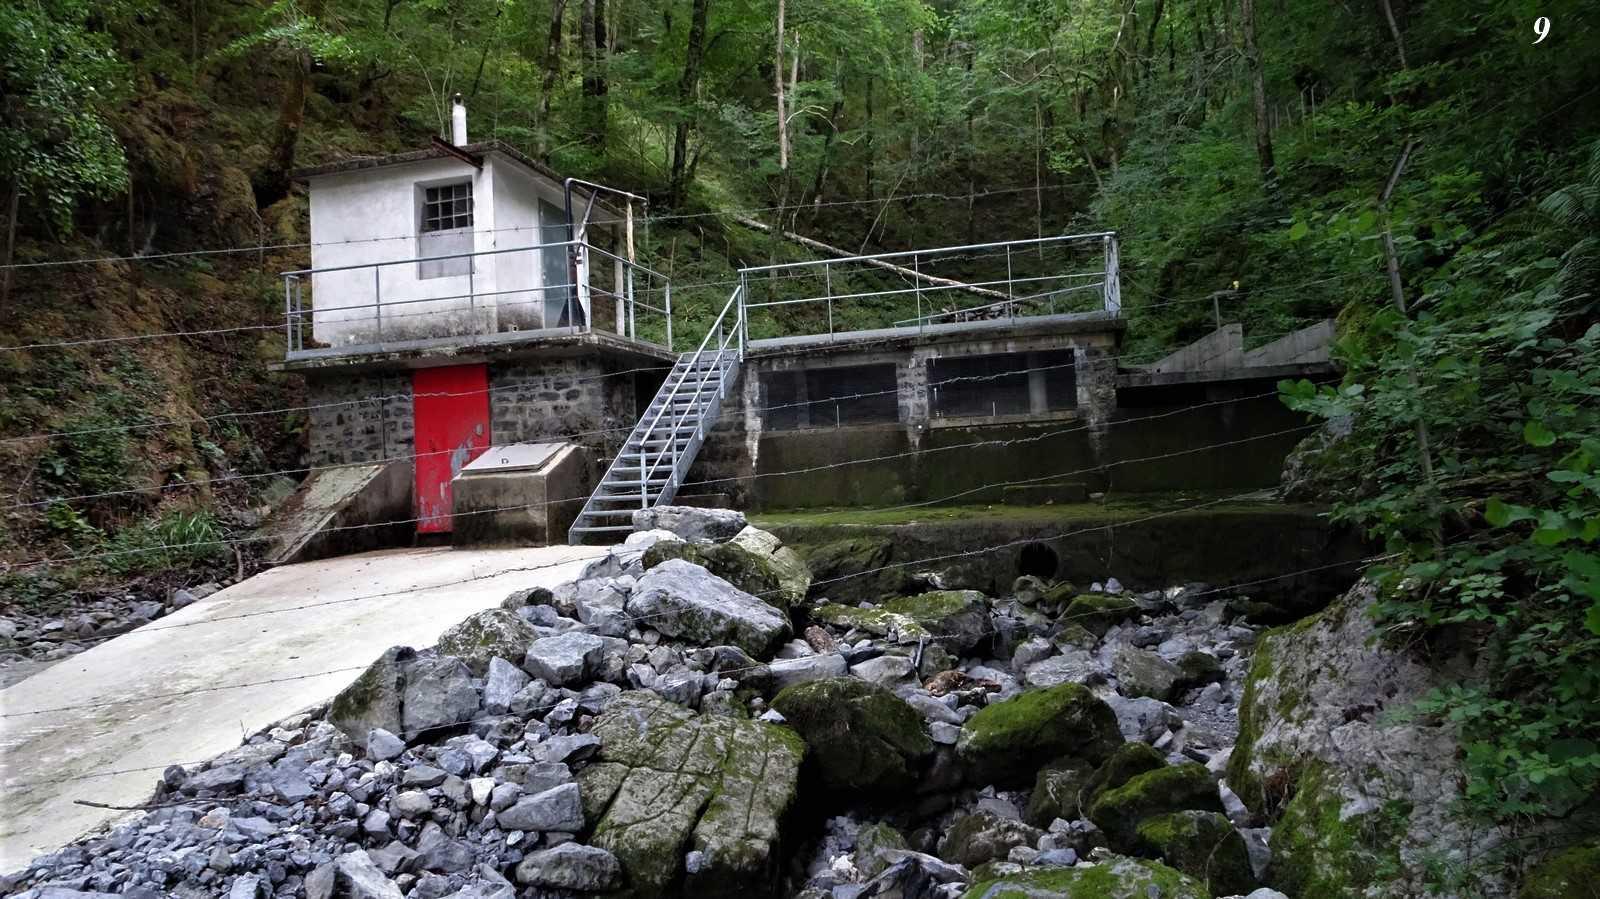 Aucun débit réservé sur la source de l'Ourtau où la totalité de la ressource eau est prélevée pour être rejetée à hauteur de 30 à 50 % du volume dans la nature à des dizaines de Kms.